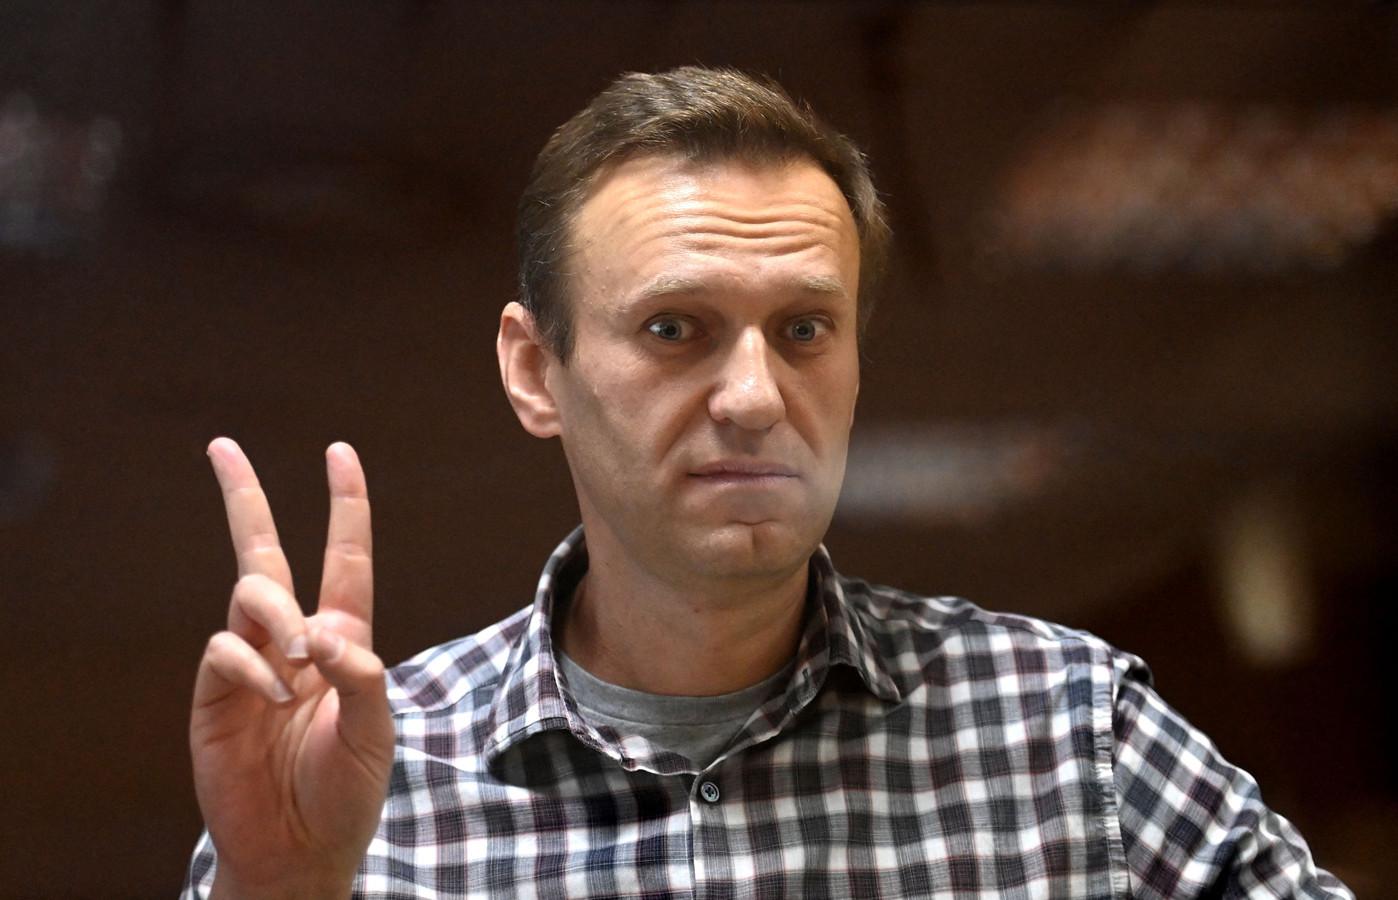 Oppositievoerder Navalny maakt het vrijheidsteken in de rechtszaal in Moskou.